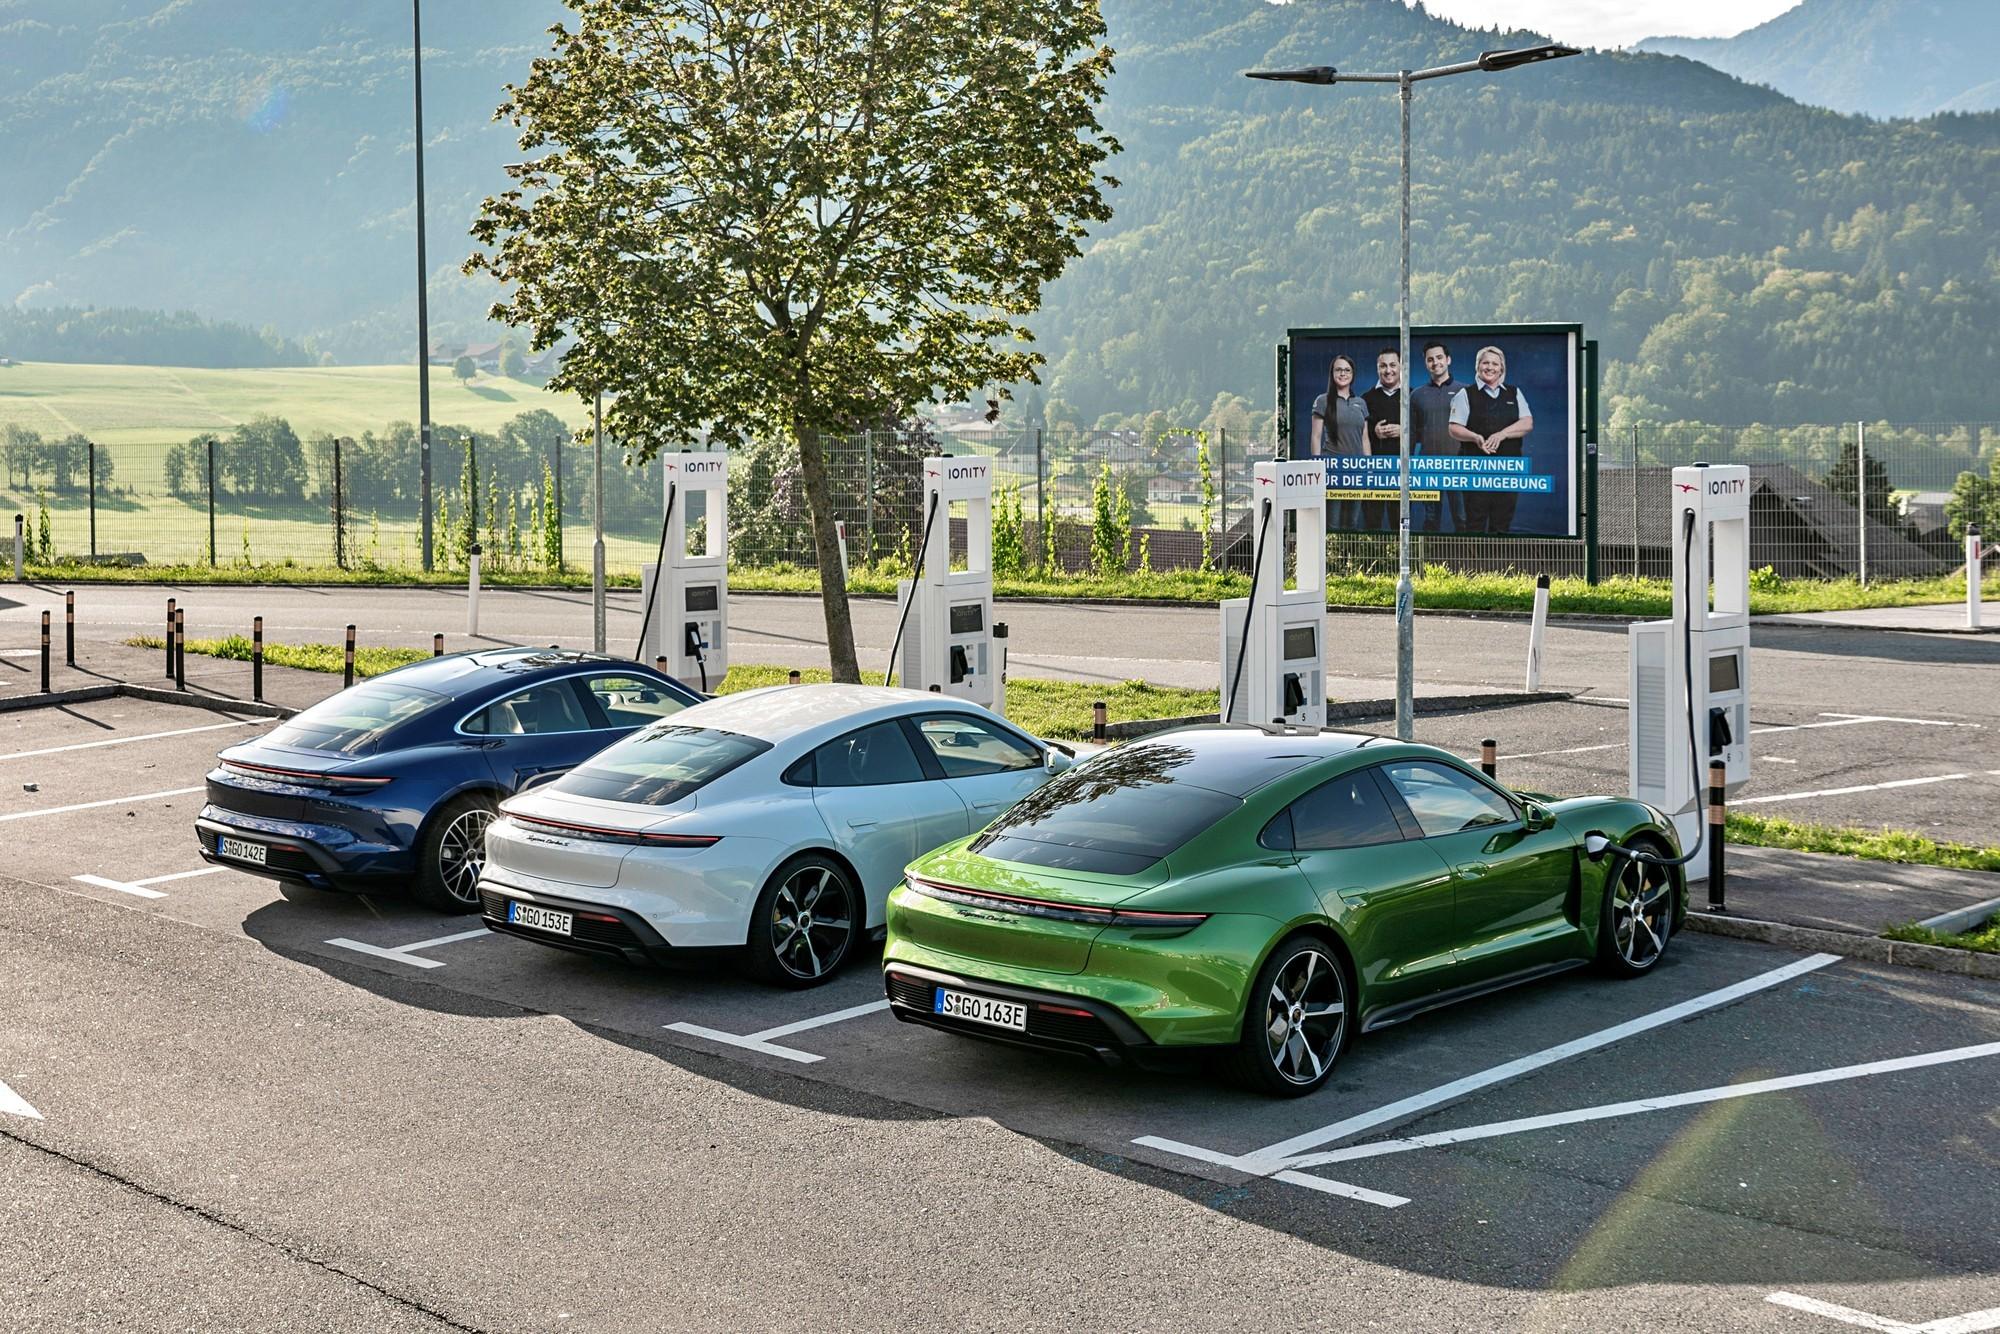 Всё своё, всё немецкое: новые Porsche поедут на батарейках Varta и Customcells